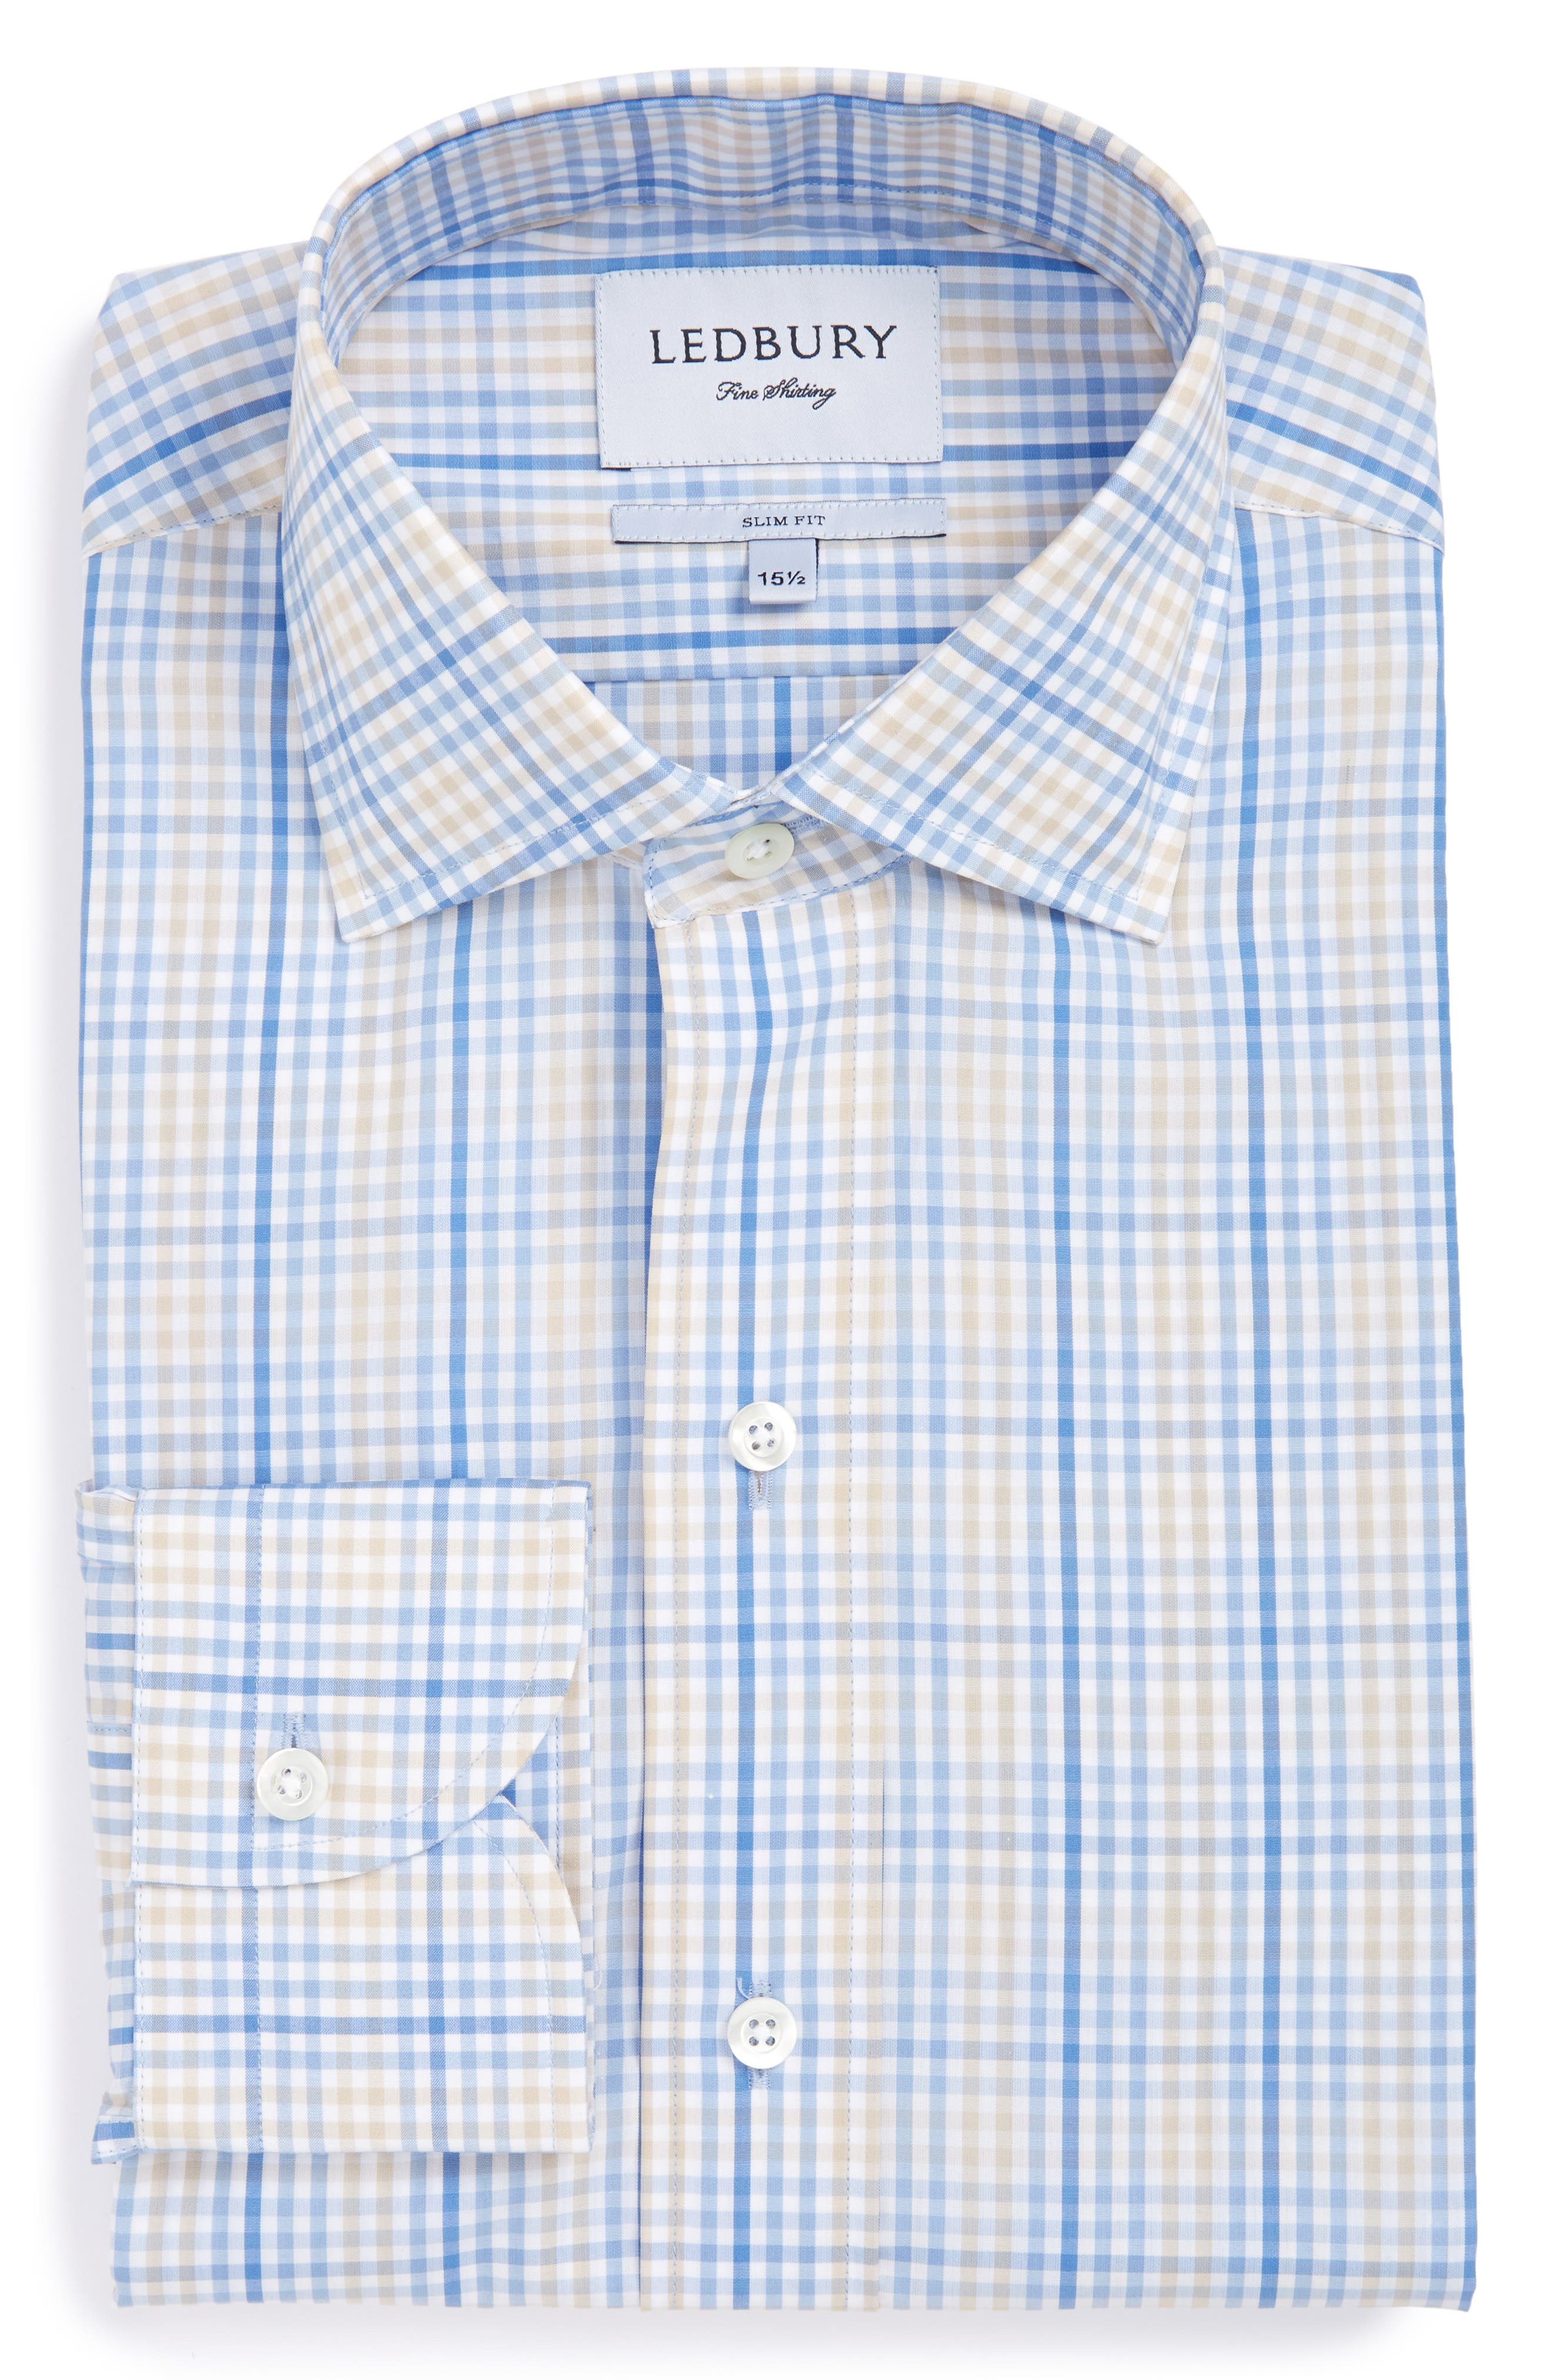 LEDBURY The Hardeman Check Slim Fit Dress Shirt